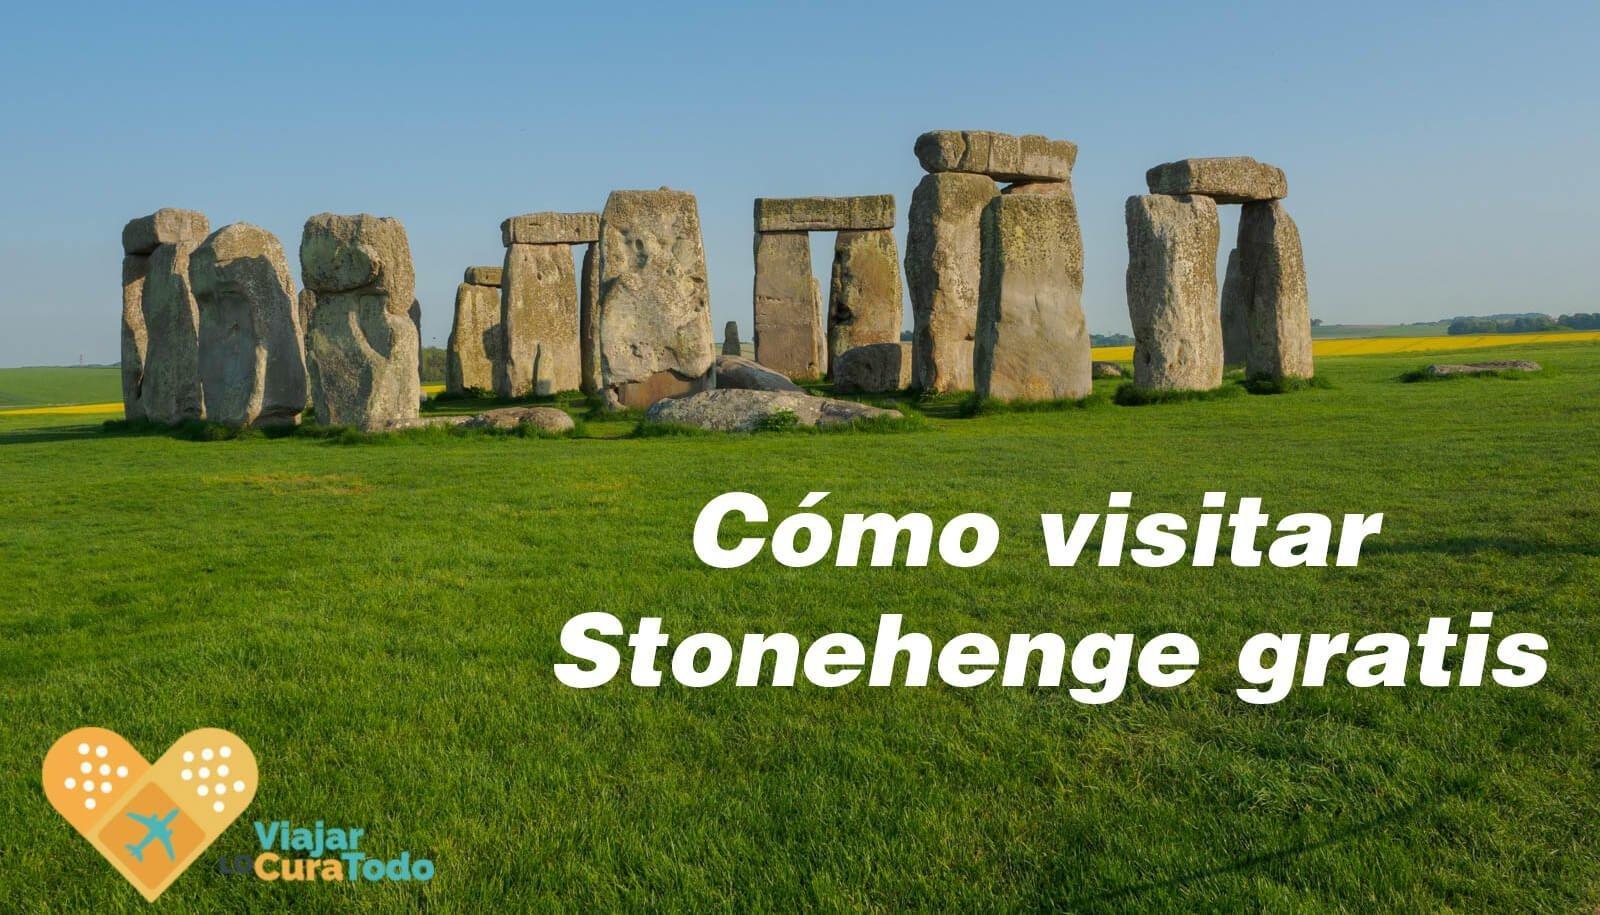 Cómo visitar Stonehenge gratis | Viajar Lo Cura Todo